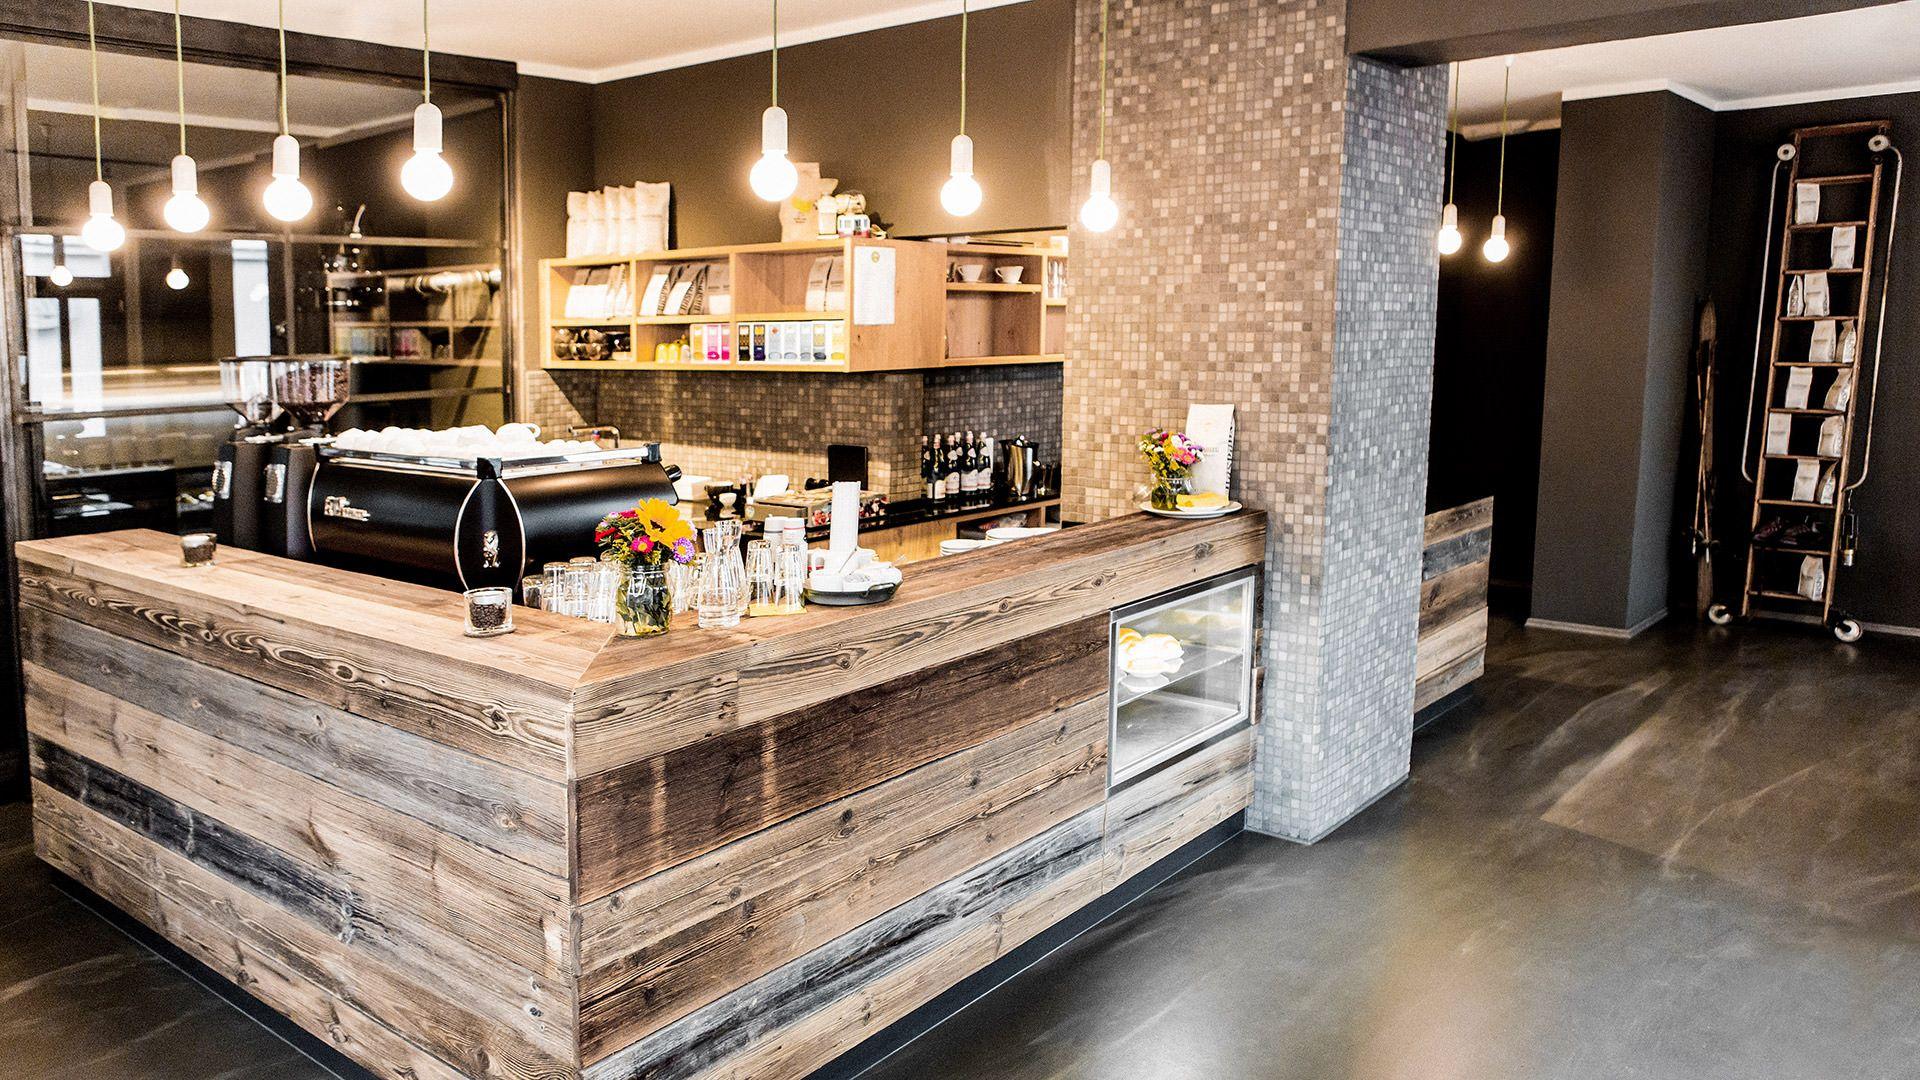 Einzimmer Küche Bar Nürnberg   Gassenzauber Etage Exklusive Thai Küche